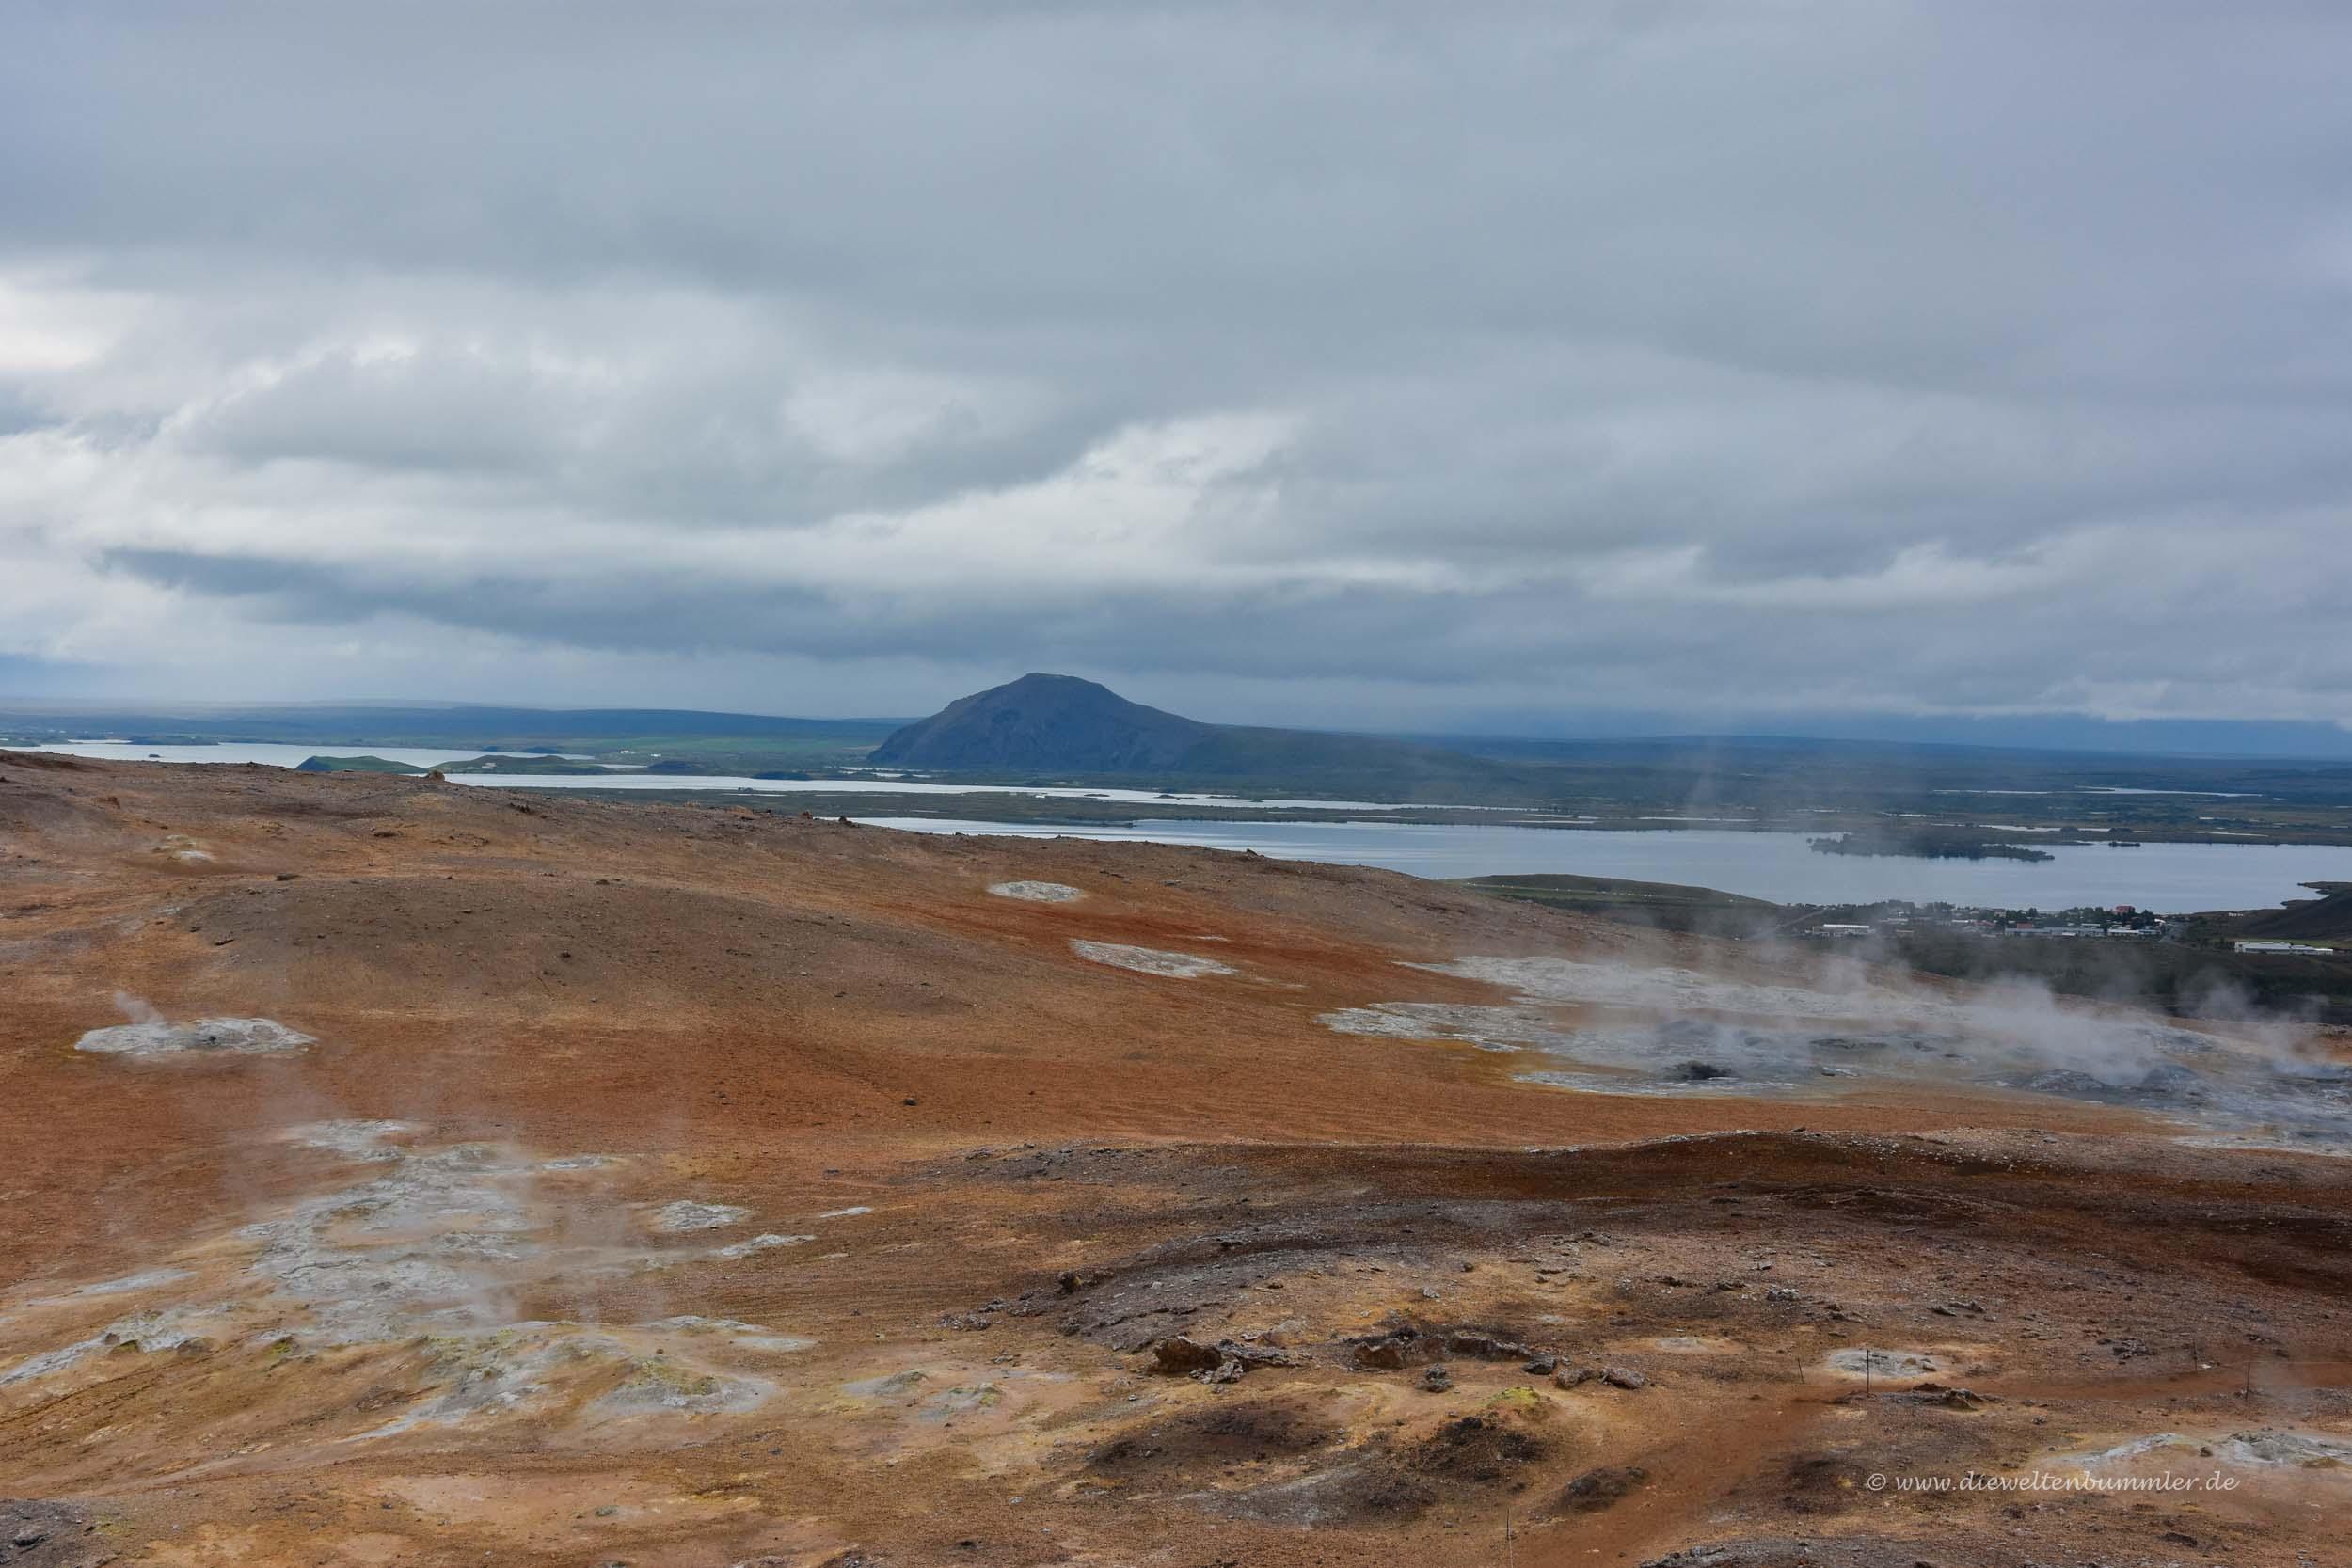 Ausblick zum Mývatn-See